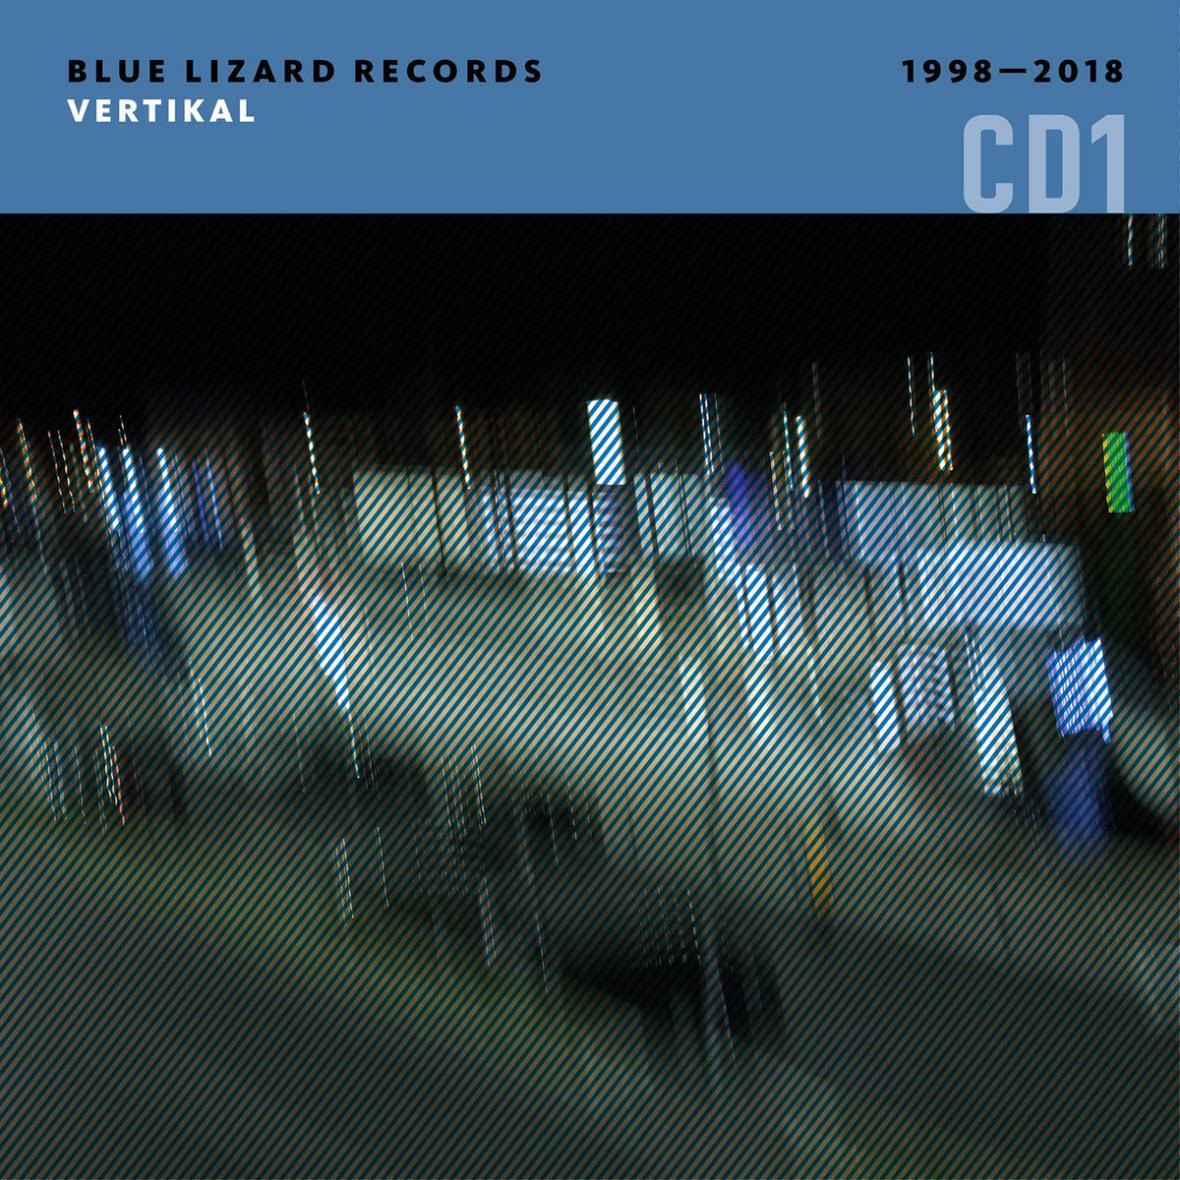 Blue Lizard: Vertikal CD1